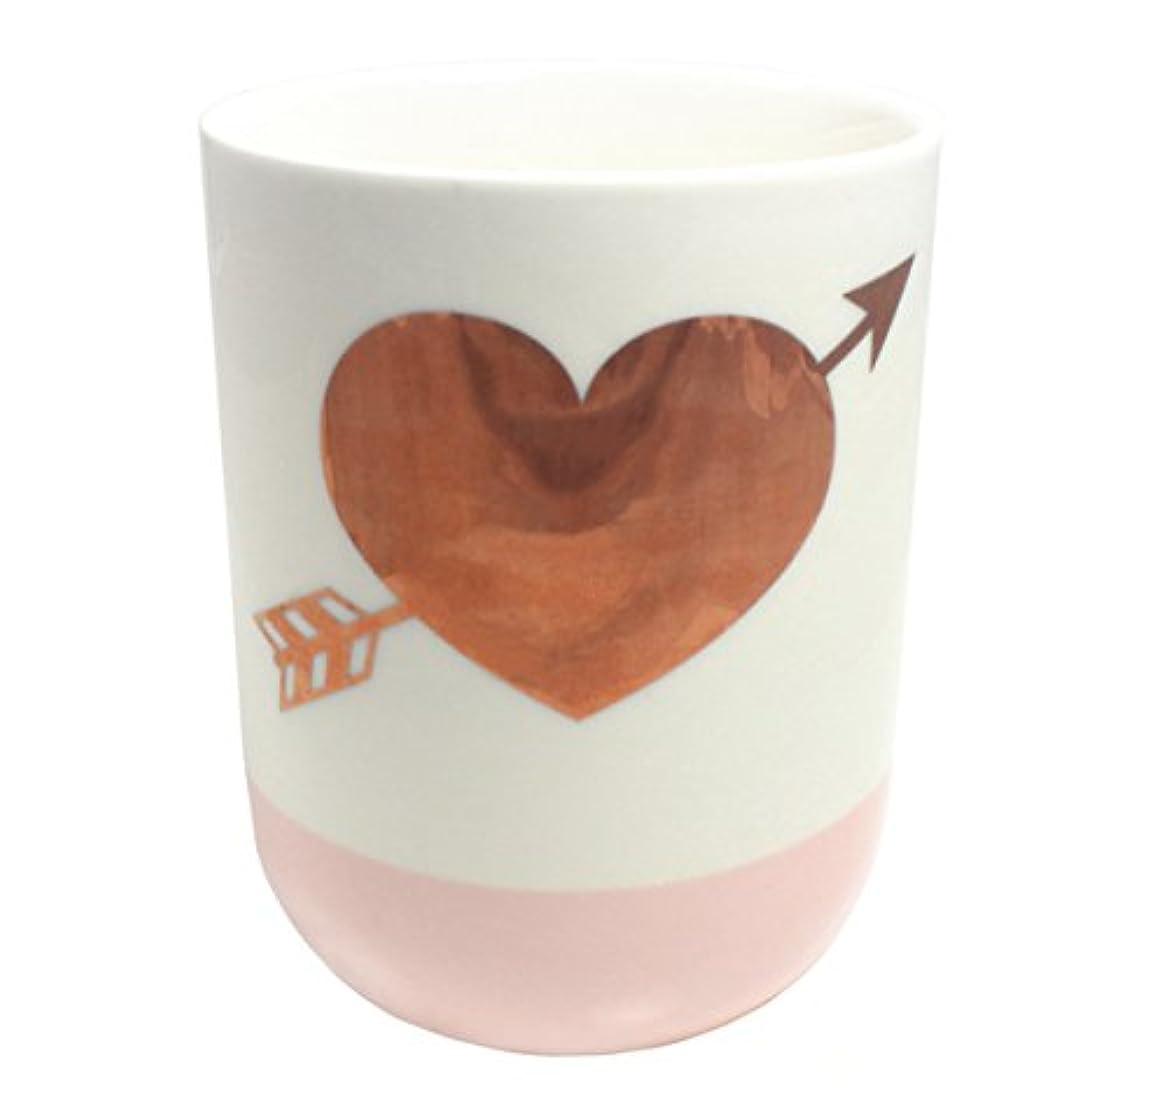 出発する同盟リード2つの会社10.5-oz GildedハートローズScented Candle ;ホワイト&ピンク